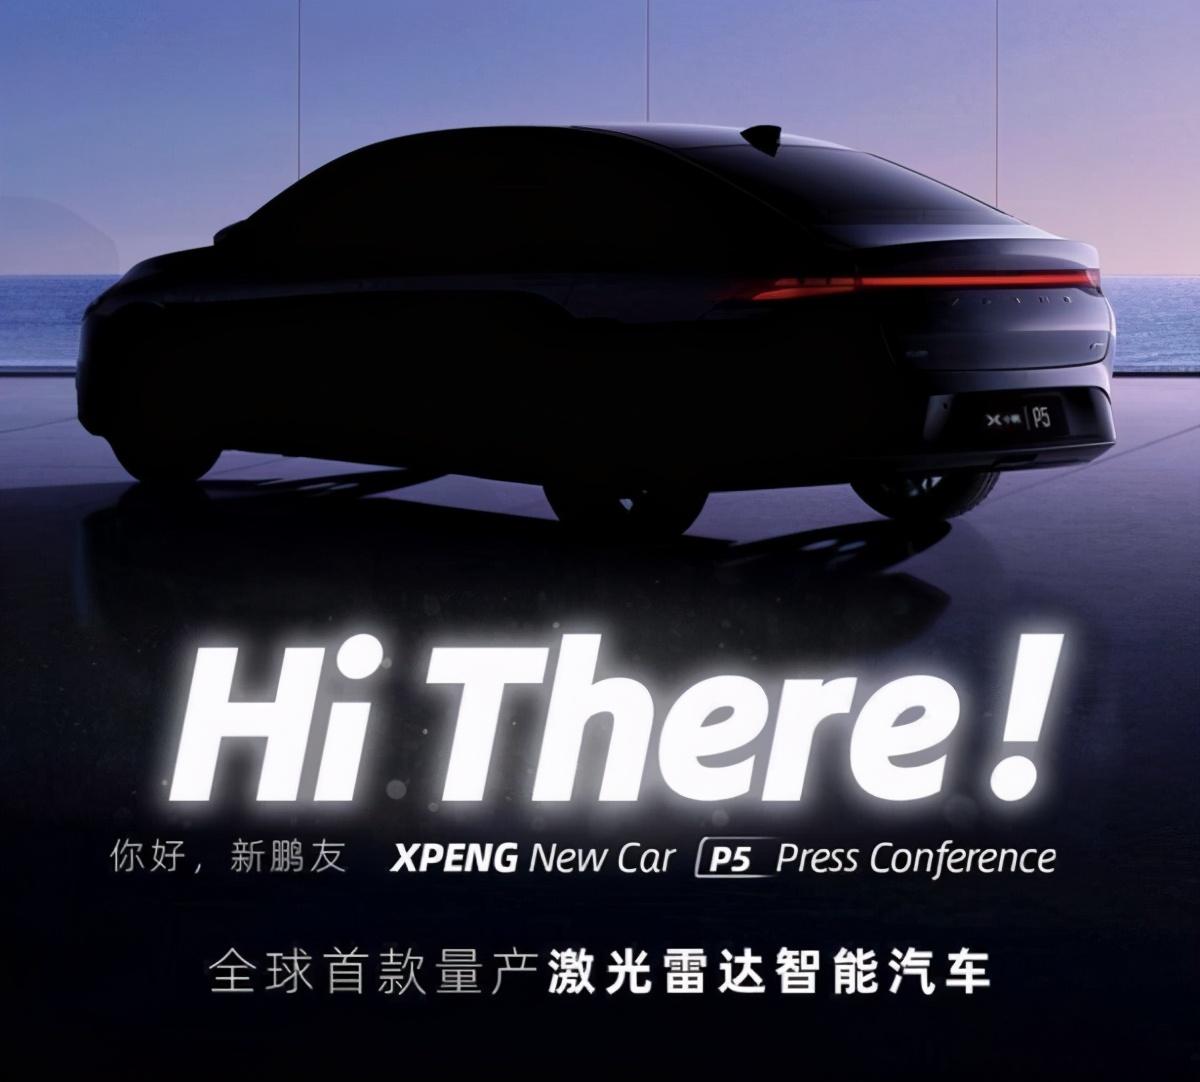 全球首款量产激光雷达 搭配NGP可自动驾驶?